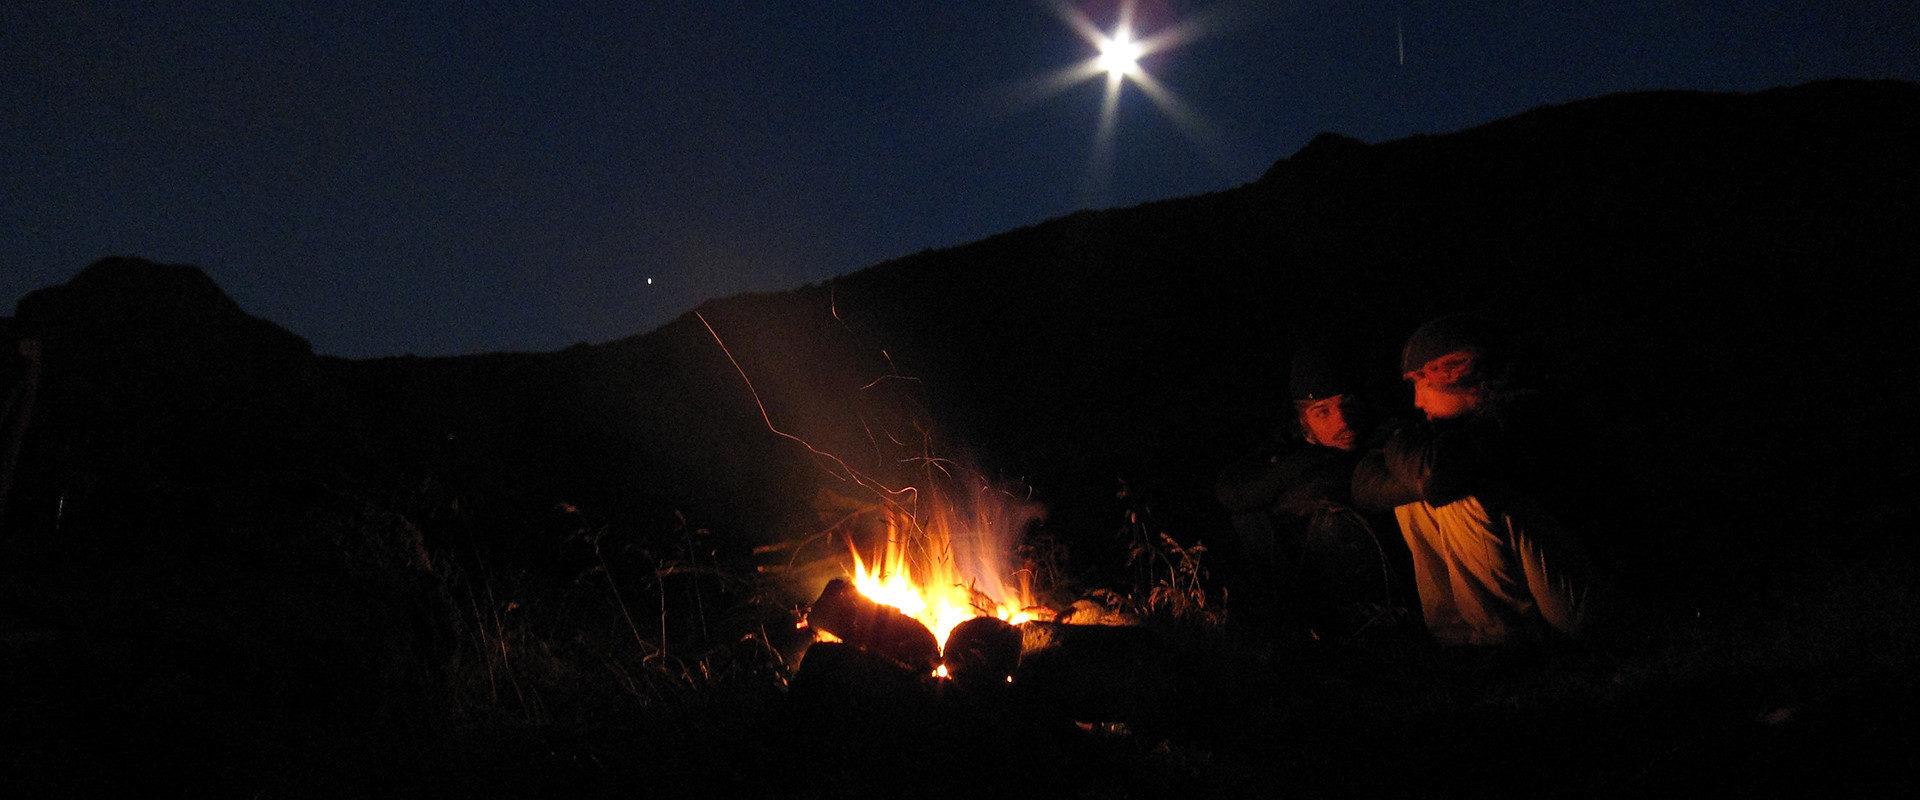 Lagerfeuer Erlebnis mit Mond und Natur